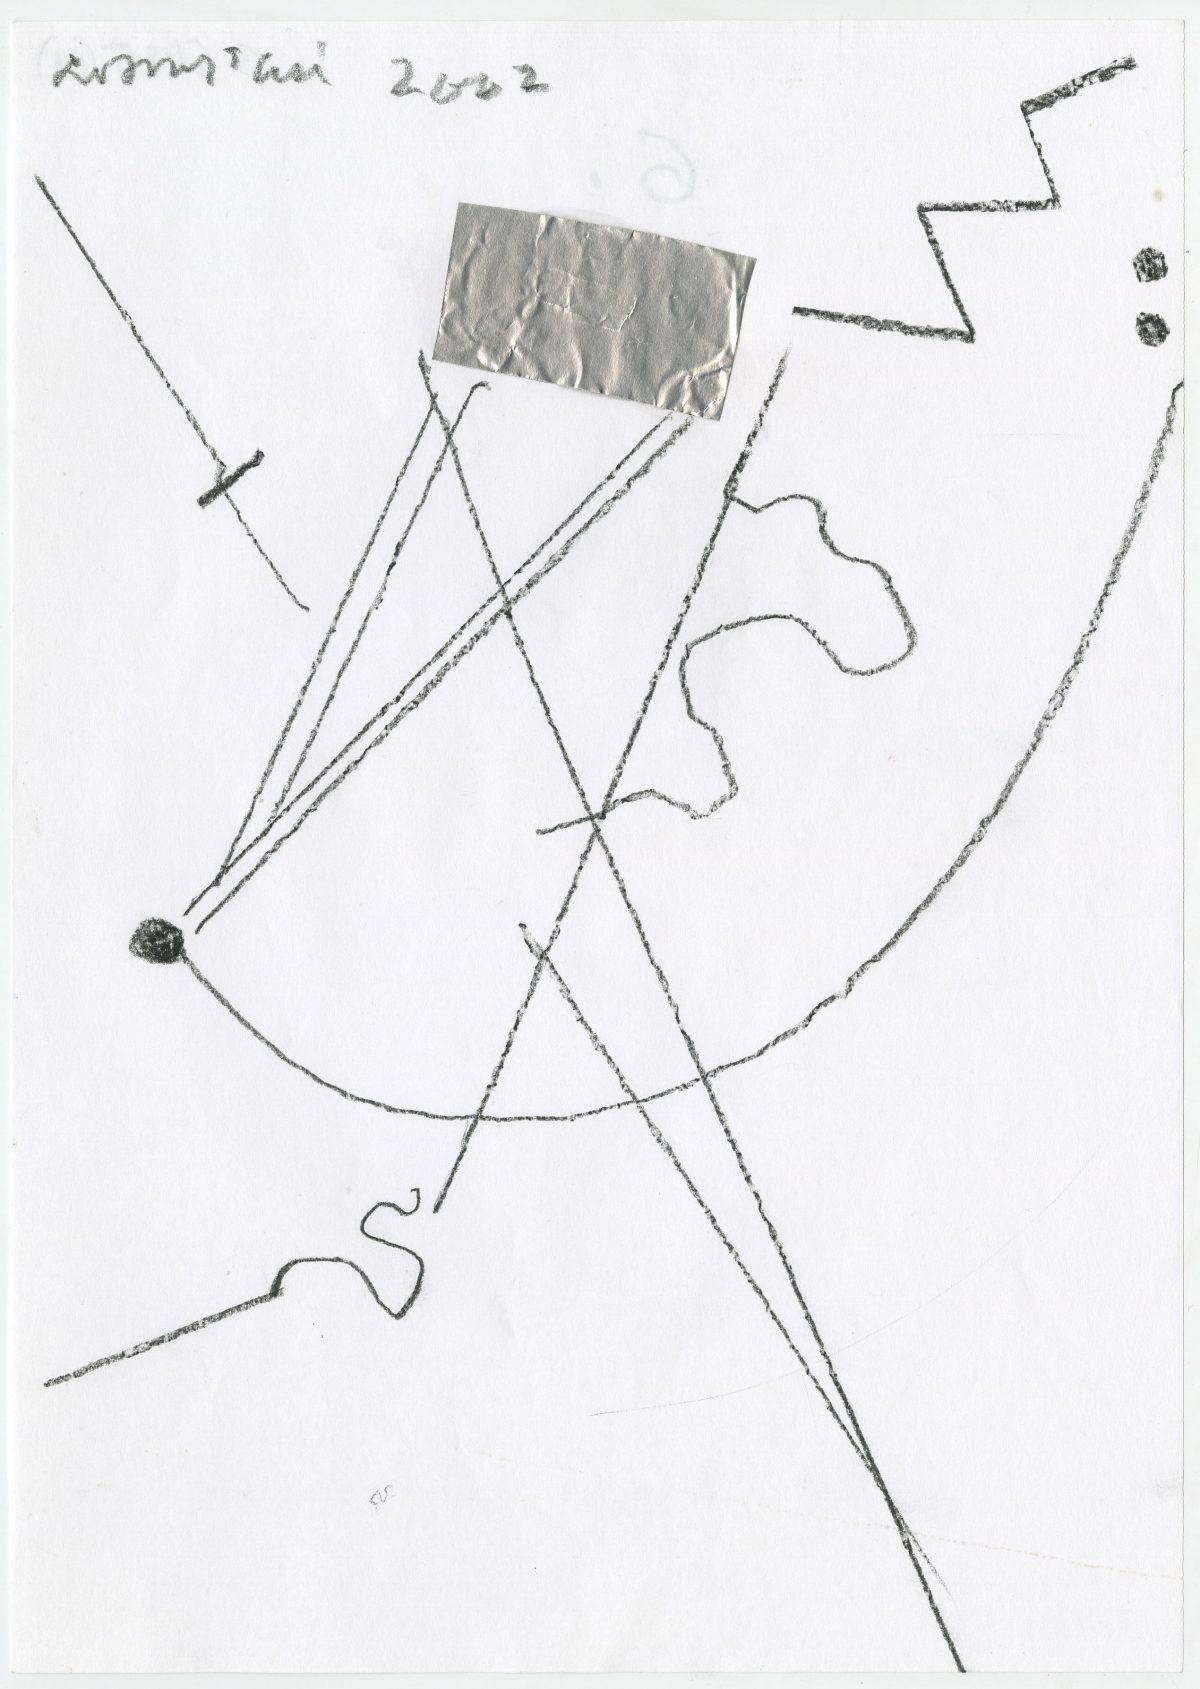 G06425(61)<br/> <b>Cím:</b> Tisztaságra vágyik az ember <br/> <b>Méret cm:</b> 29,6X21 <br/> <b>Készült:</b> 2002. <br/> <b>Technika:</b> ceruza<br/>